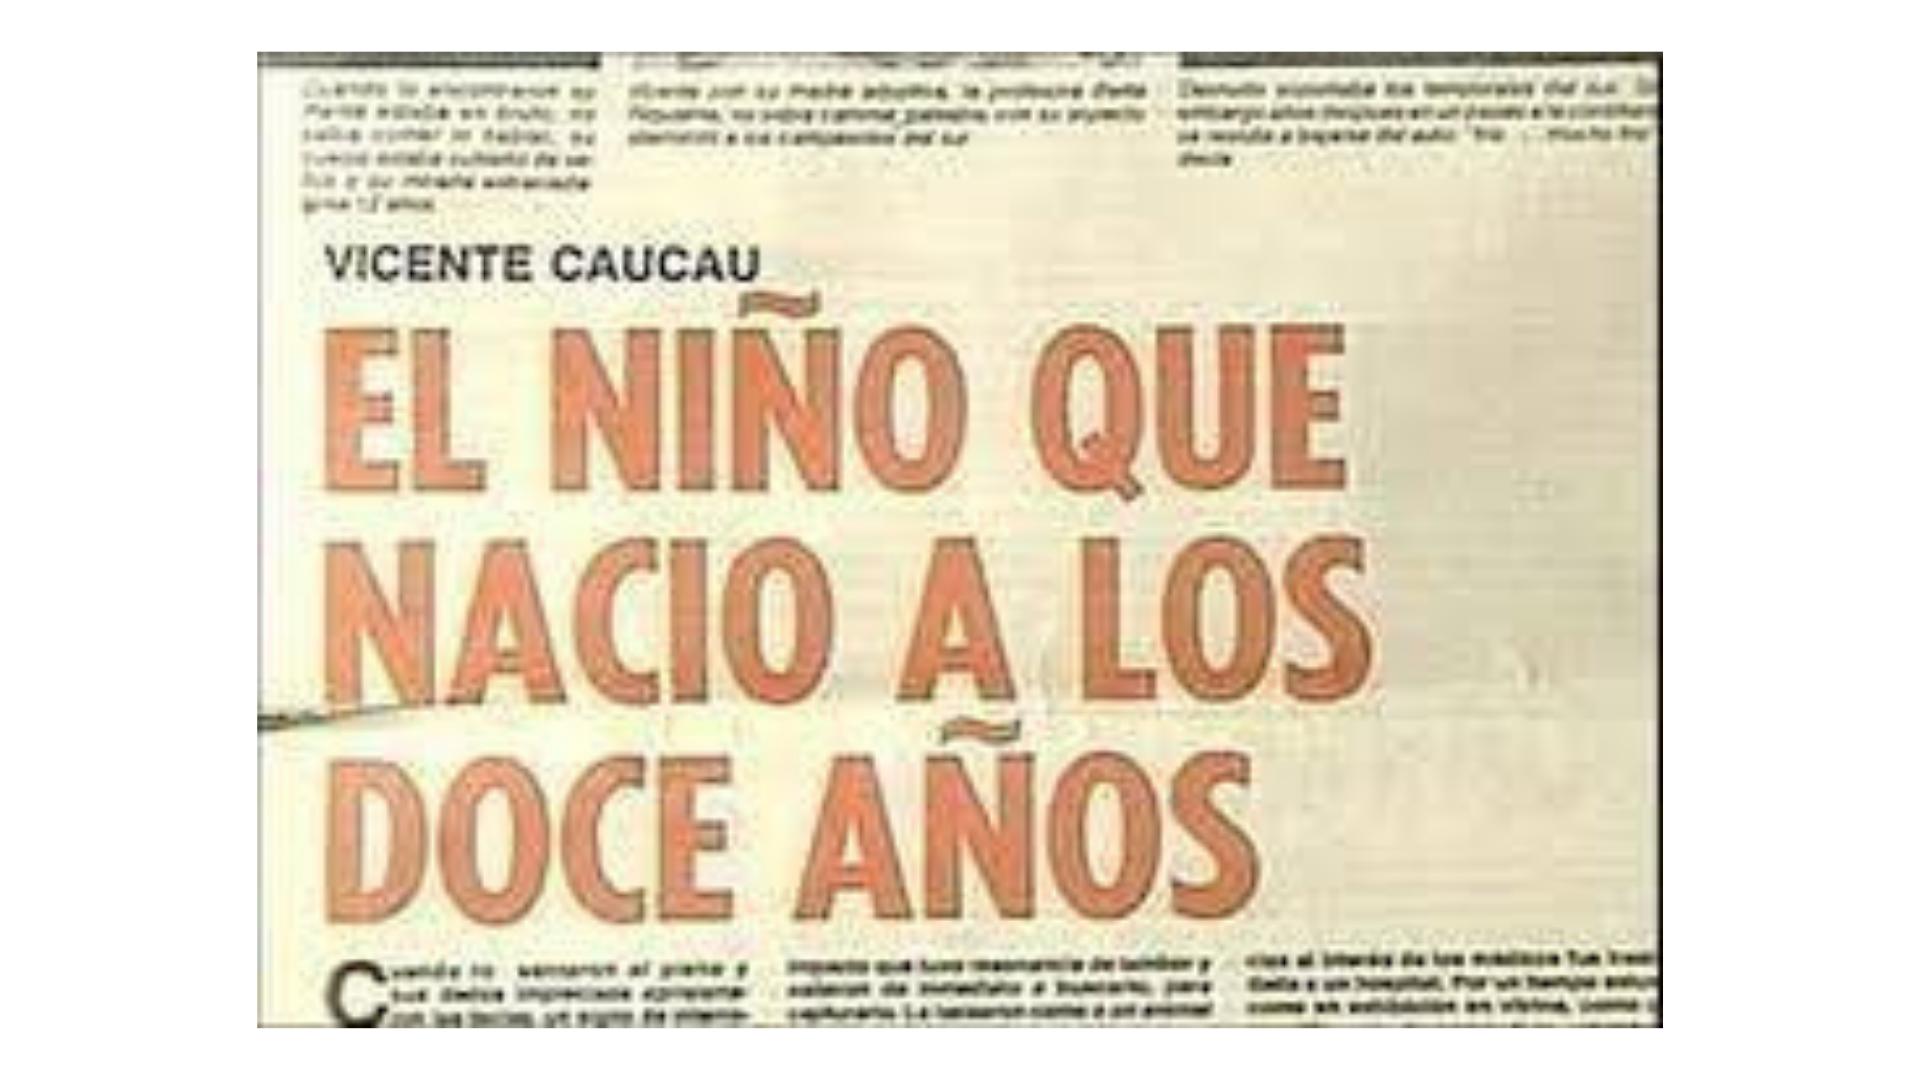 Vicente Caucau A